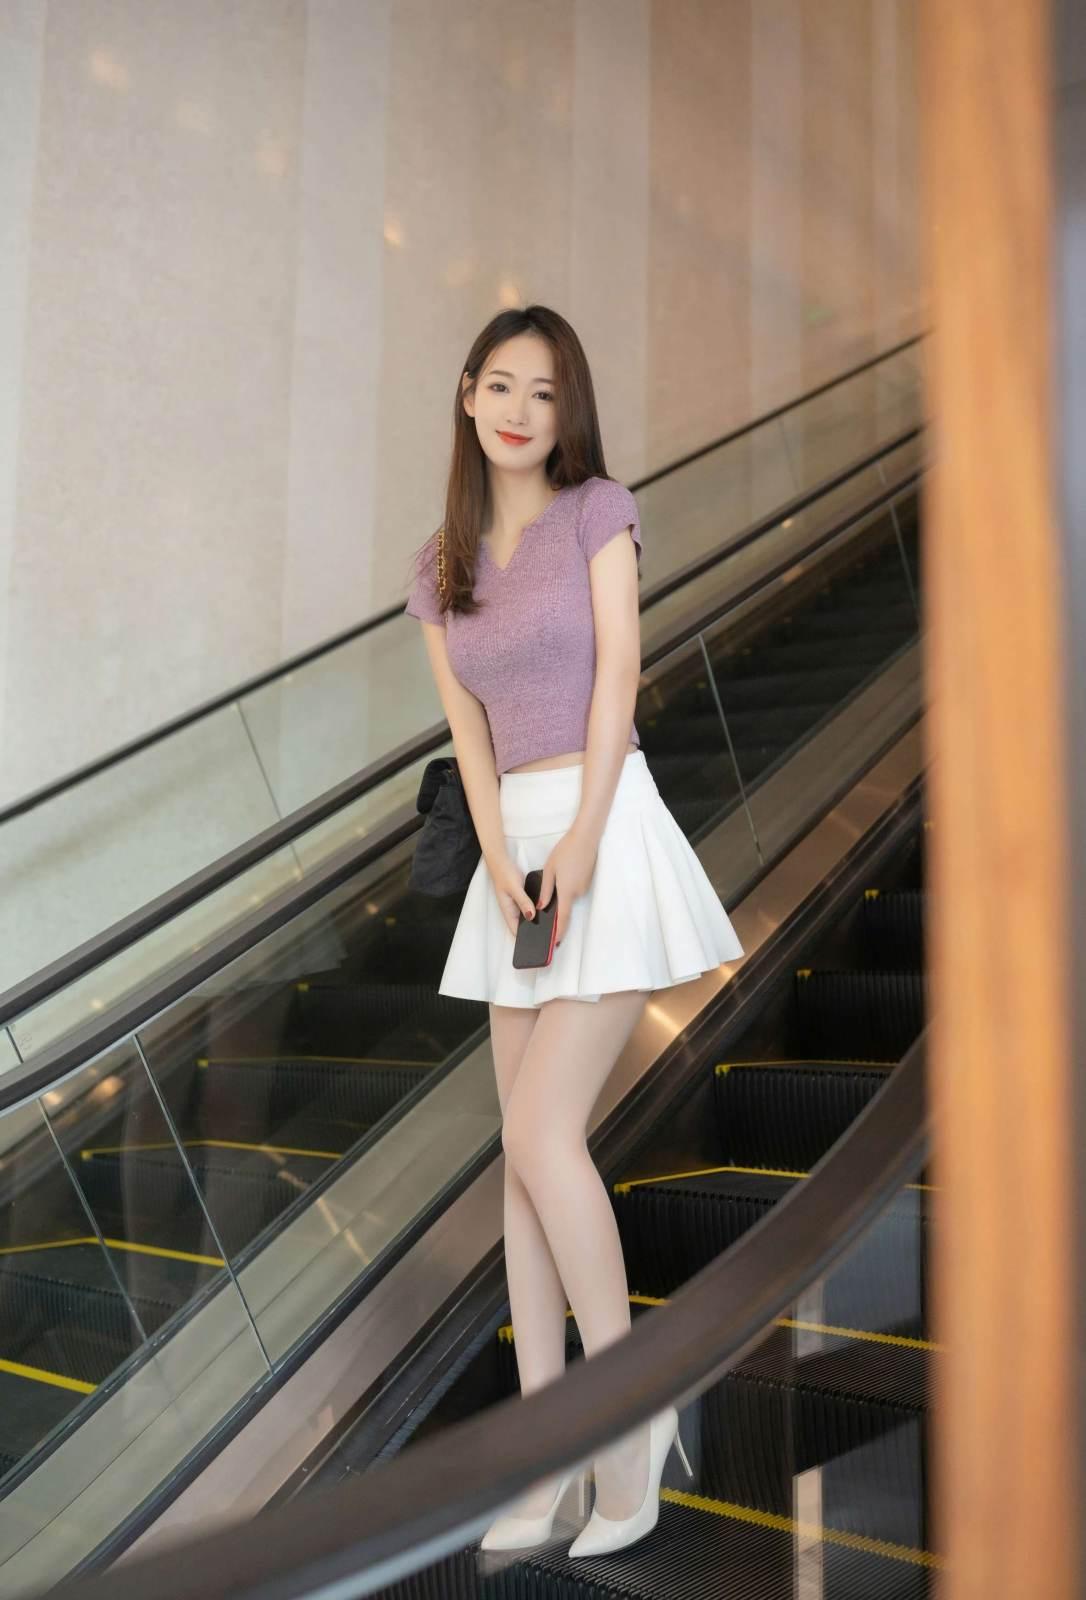 第170期充满活力的妹子唐安琪(jk裙,露脐装,高跟,肉丝)_图片4